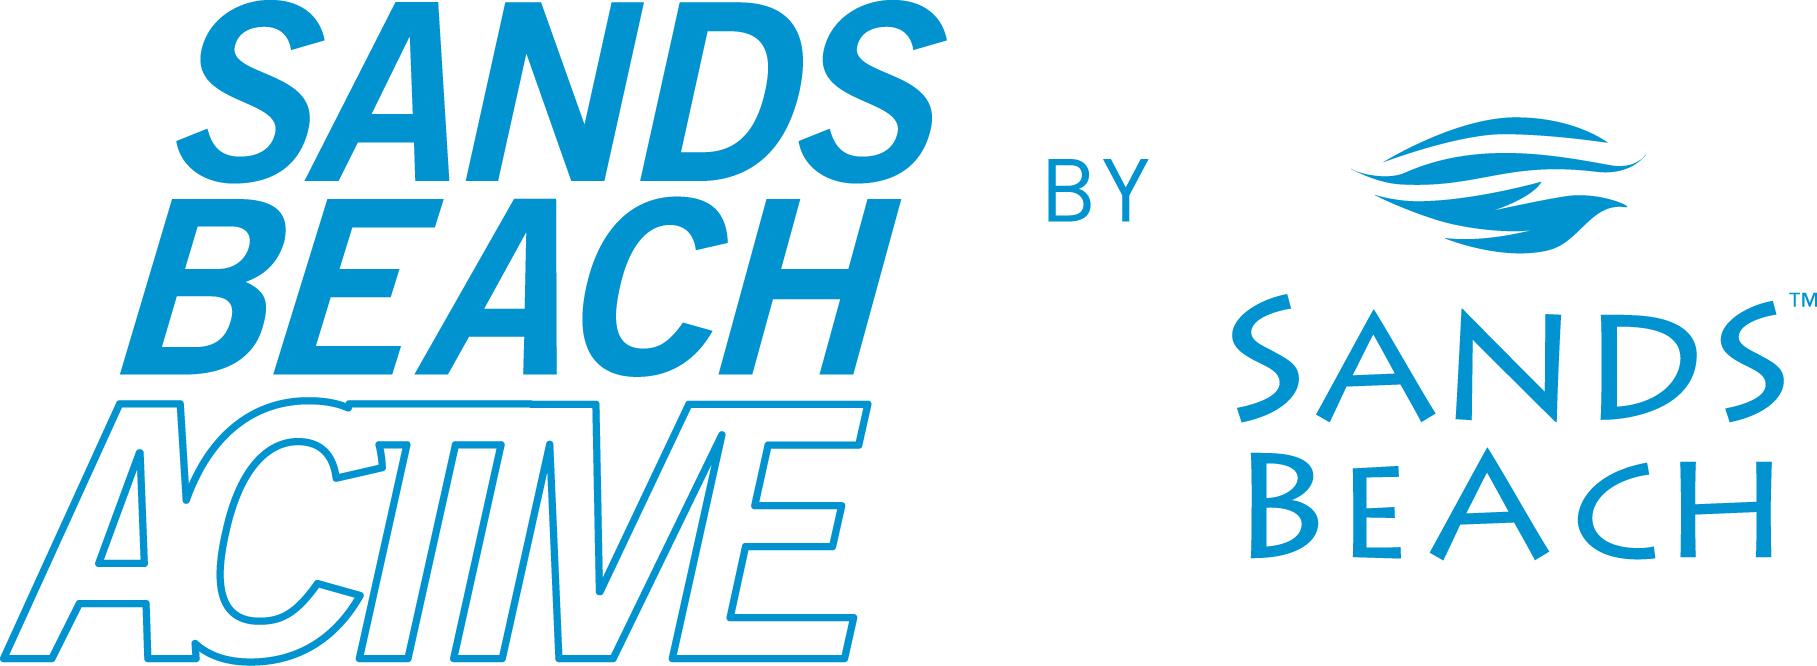 8 de abril, Sands Beach H. C. Teguise